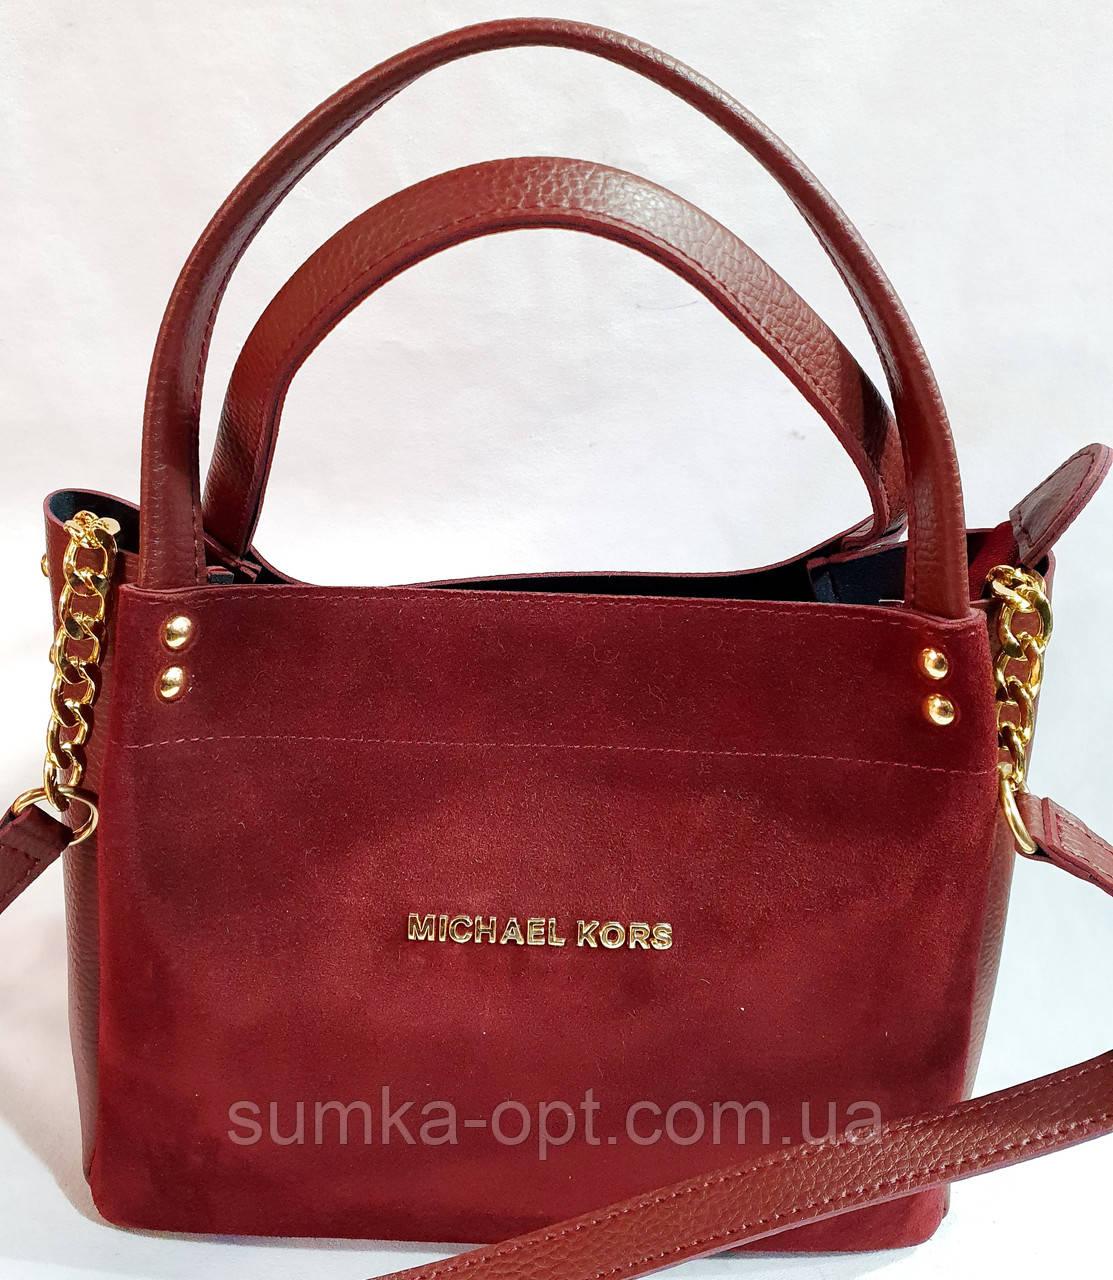 Брендовая женская сумка Michael Kors бордовая из натуральной замши 27*23 см